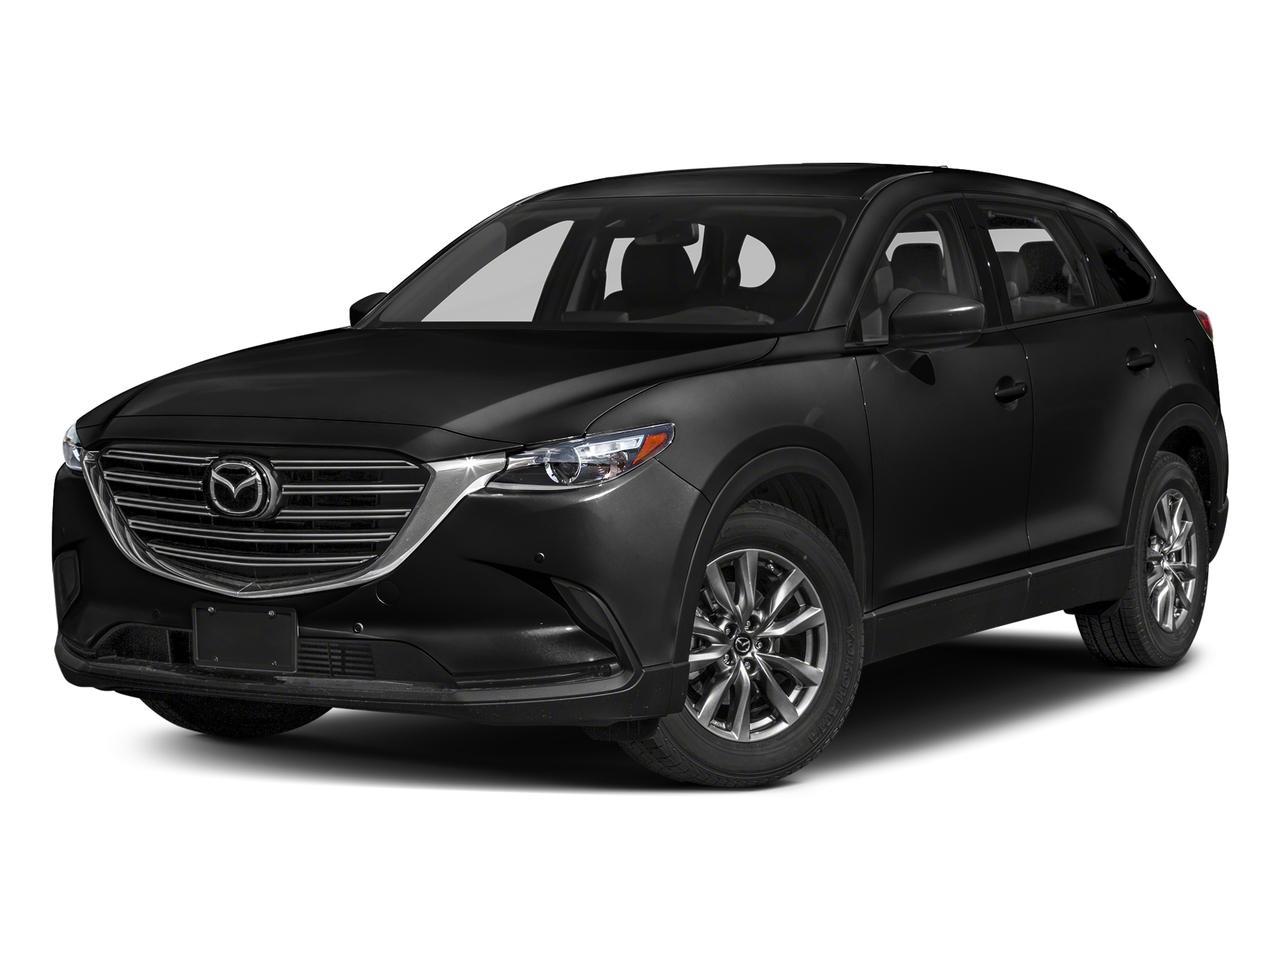 2018 Mazda CX-9 Vehicle Photo in BATON ROUGE, LA 70806-4464